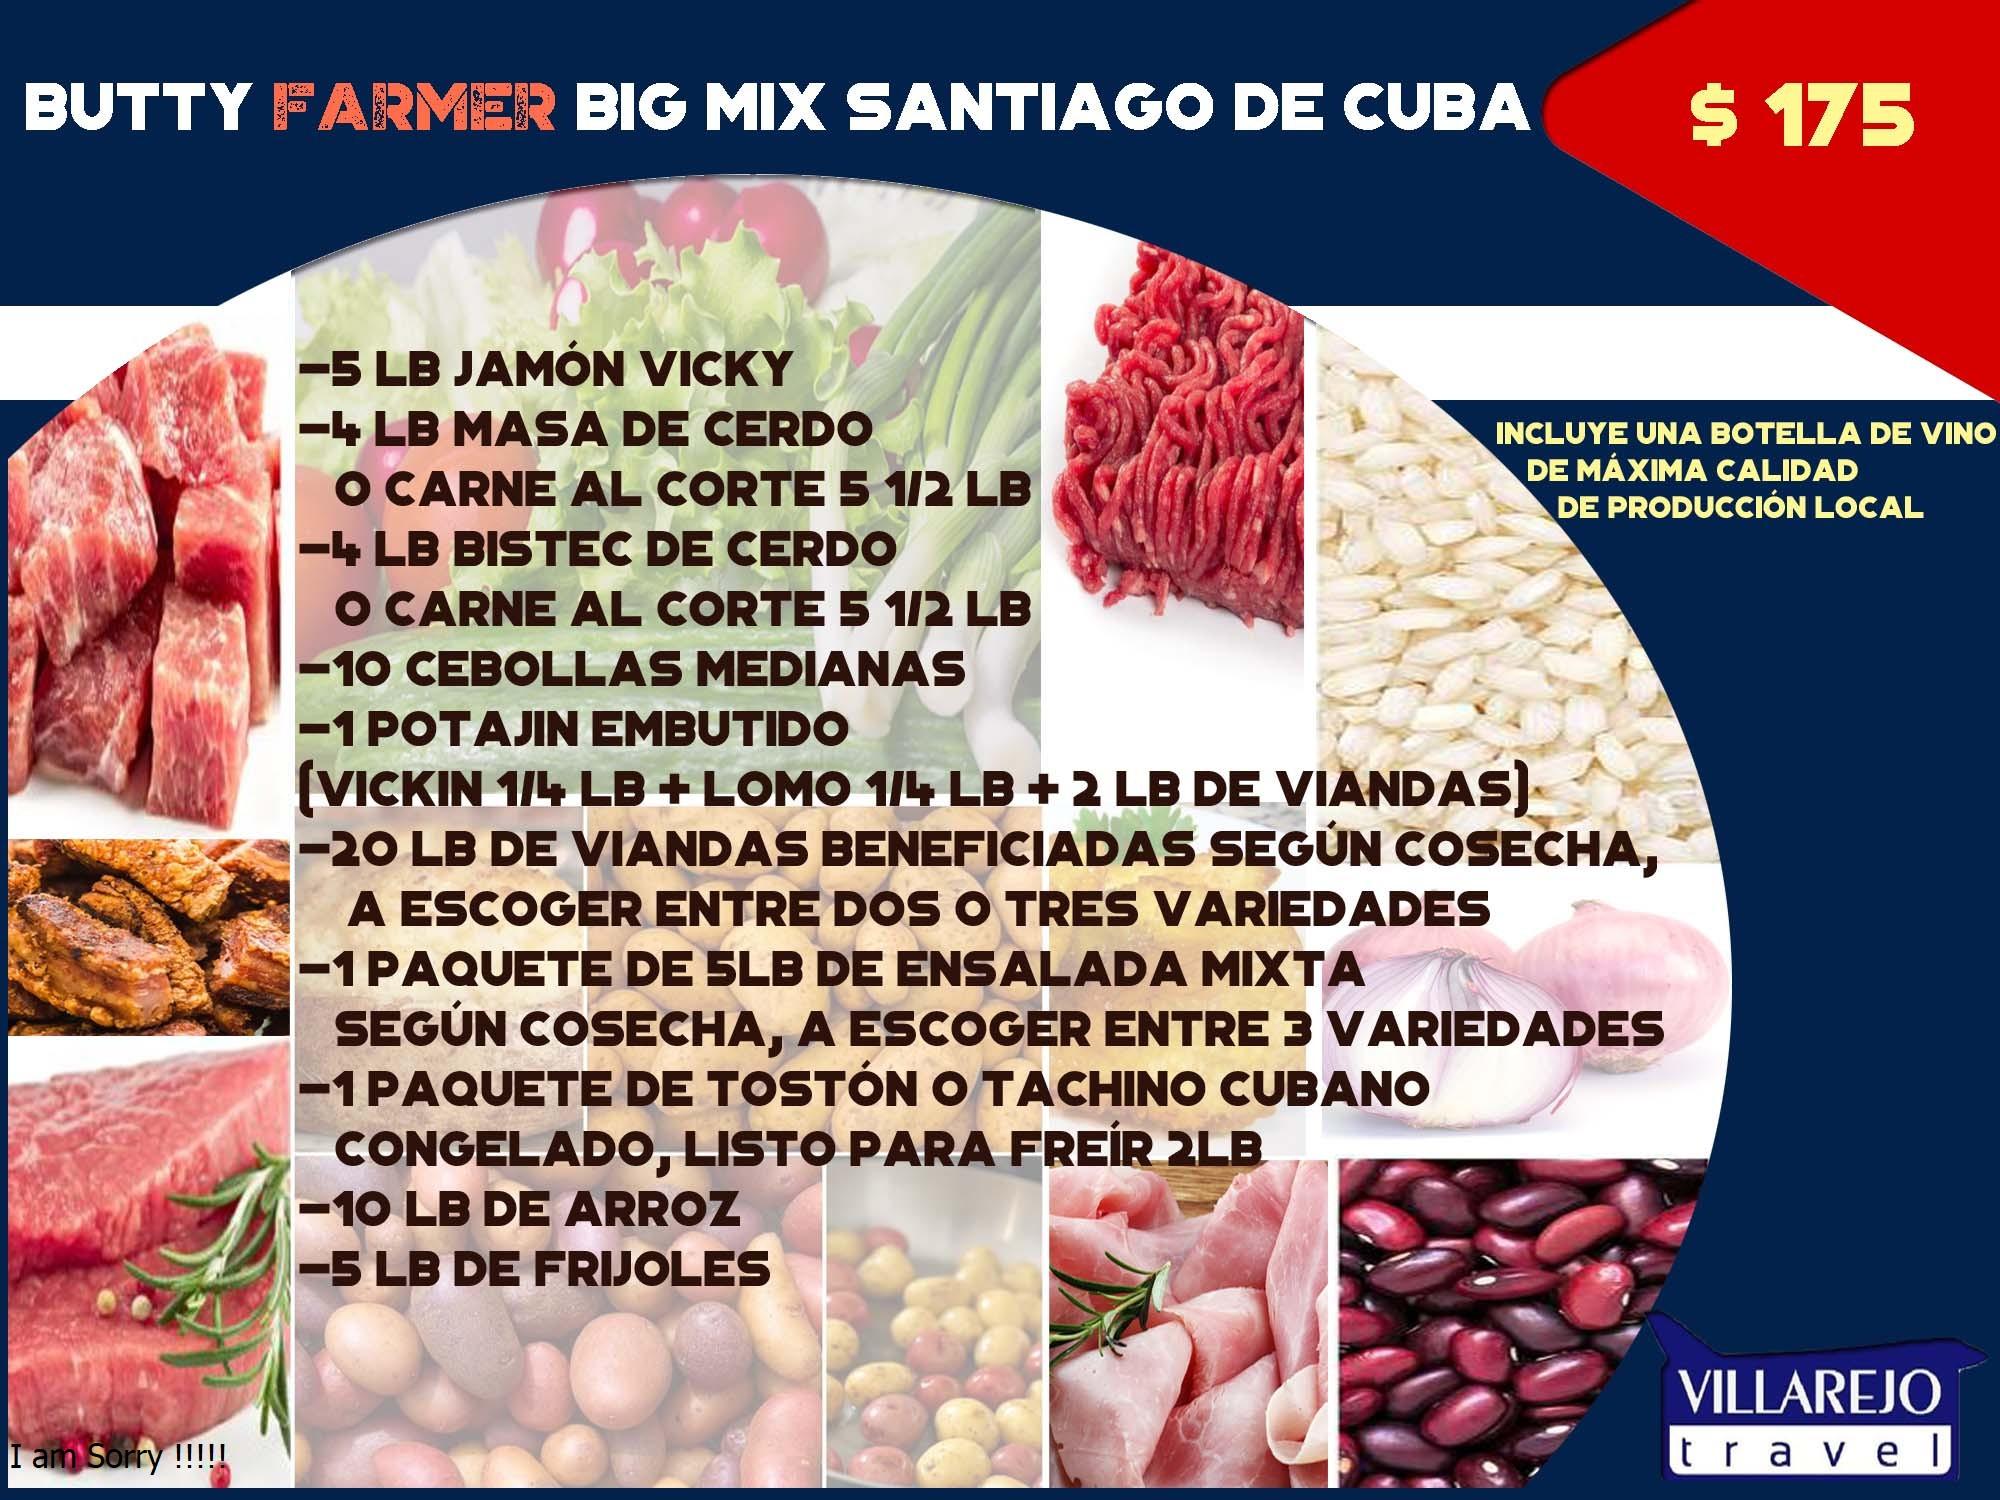 COMBO #1 Butty Farmer Big Mix Santiago de Cuba